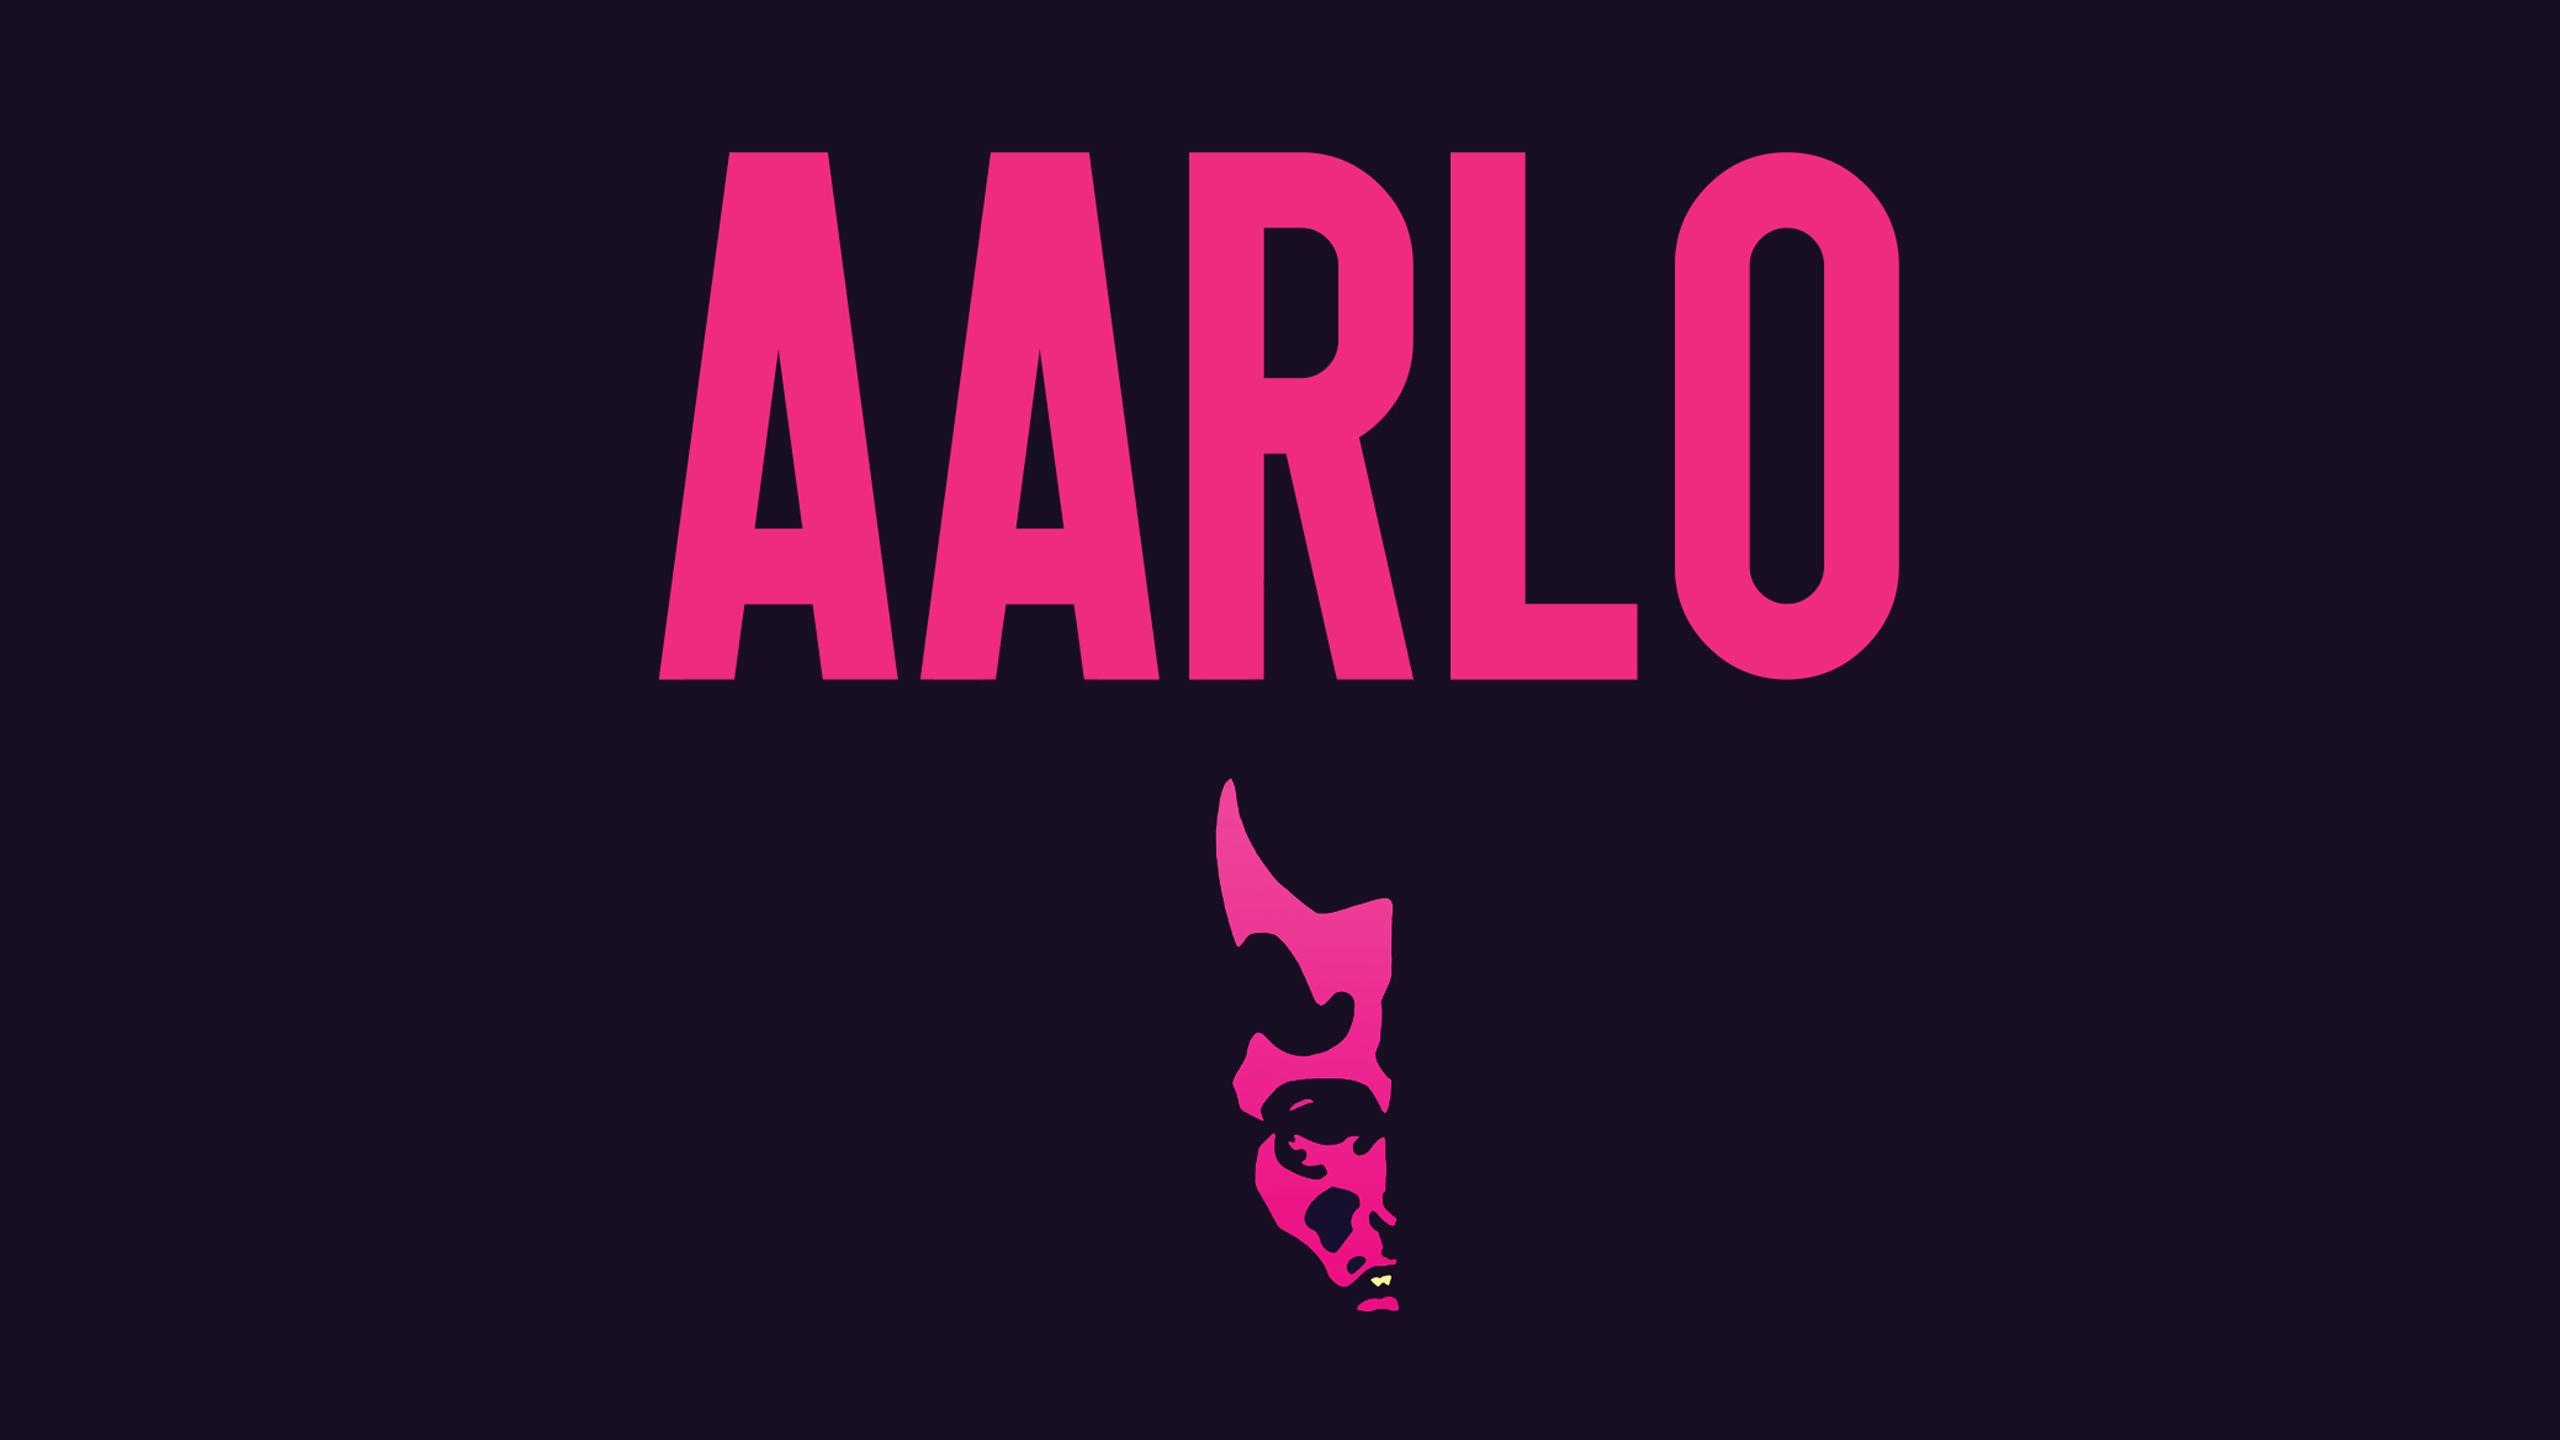 Lorenzo Arcangeli (@aarlo) Cover Image